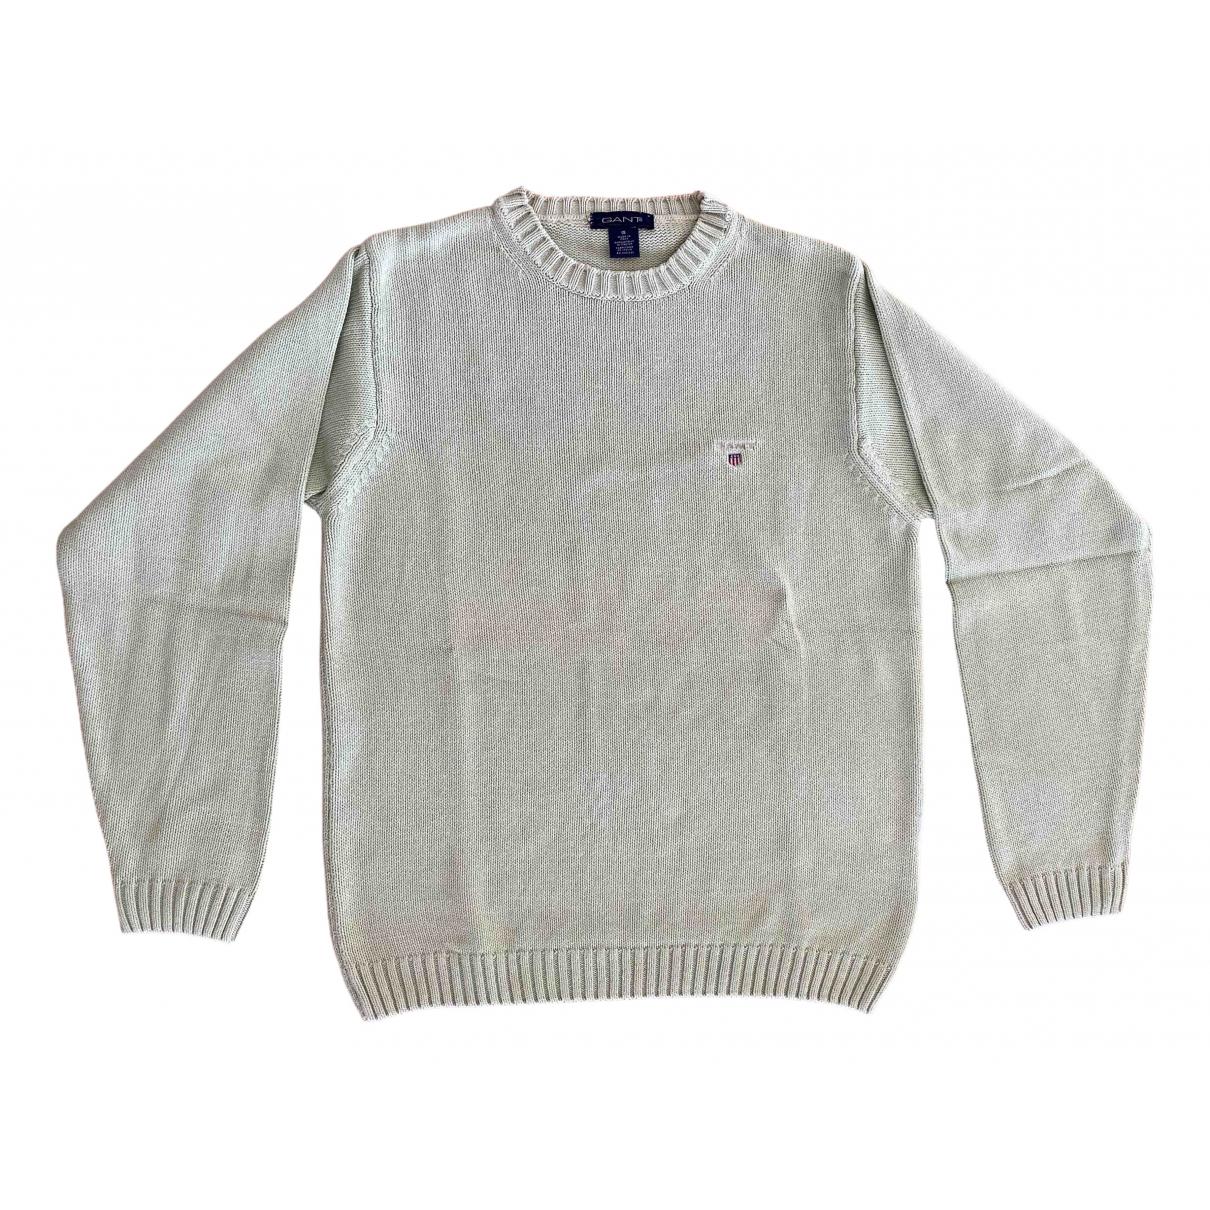 Gant - Pulls.Gilets.Sweats   pour homme en coton - vert